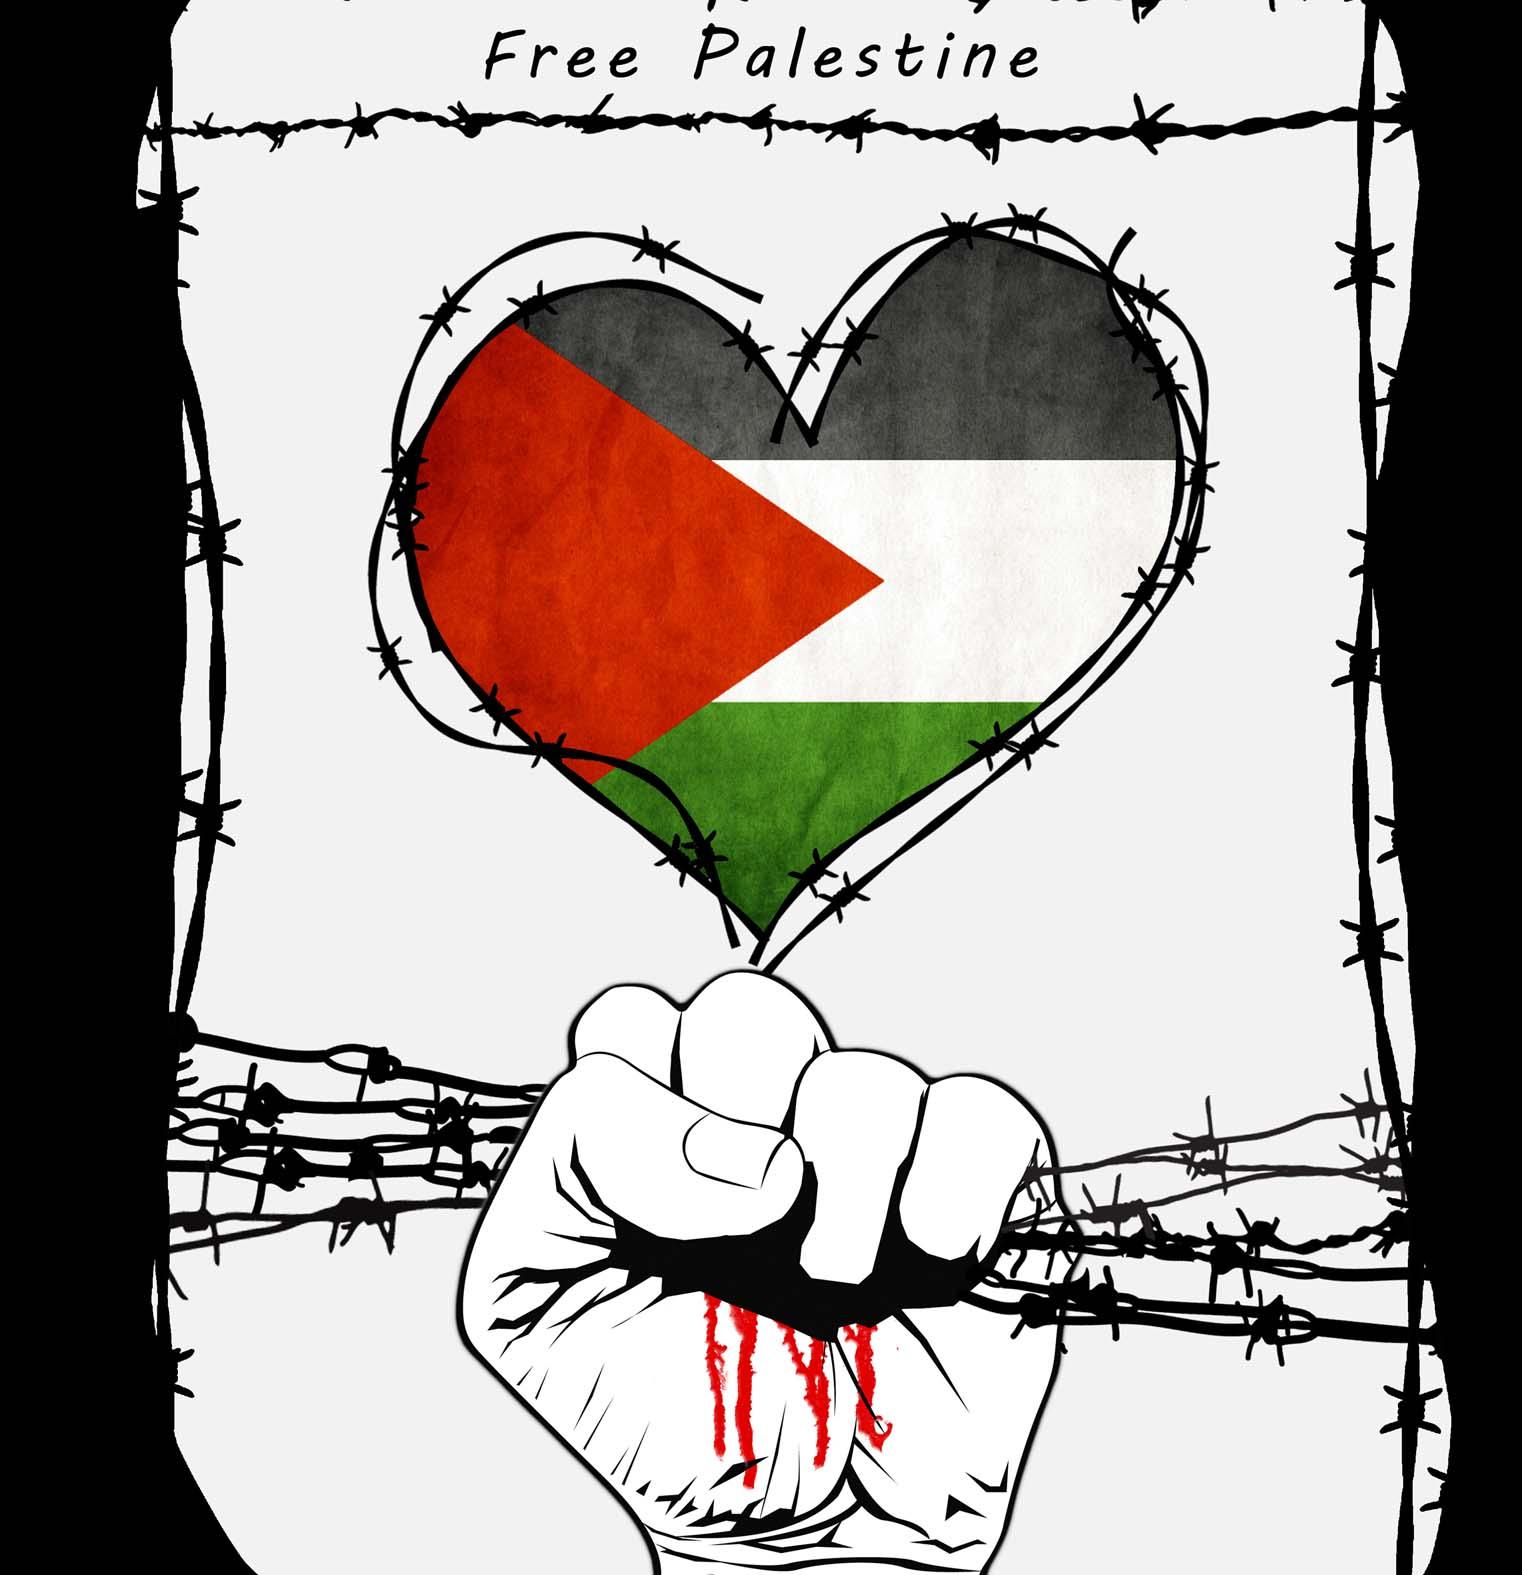 پوستر: فلسطین آزاد ...